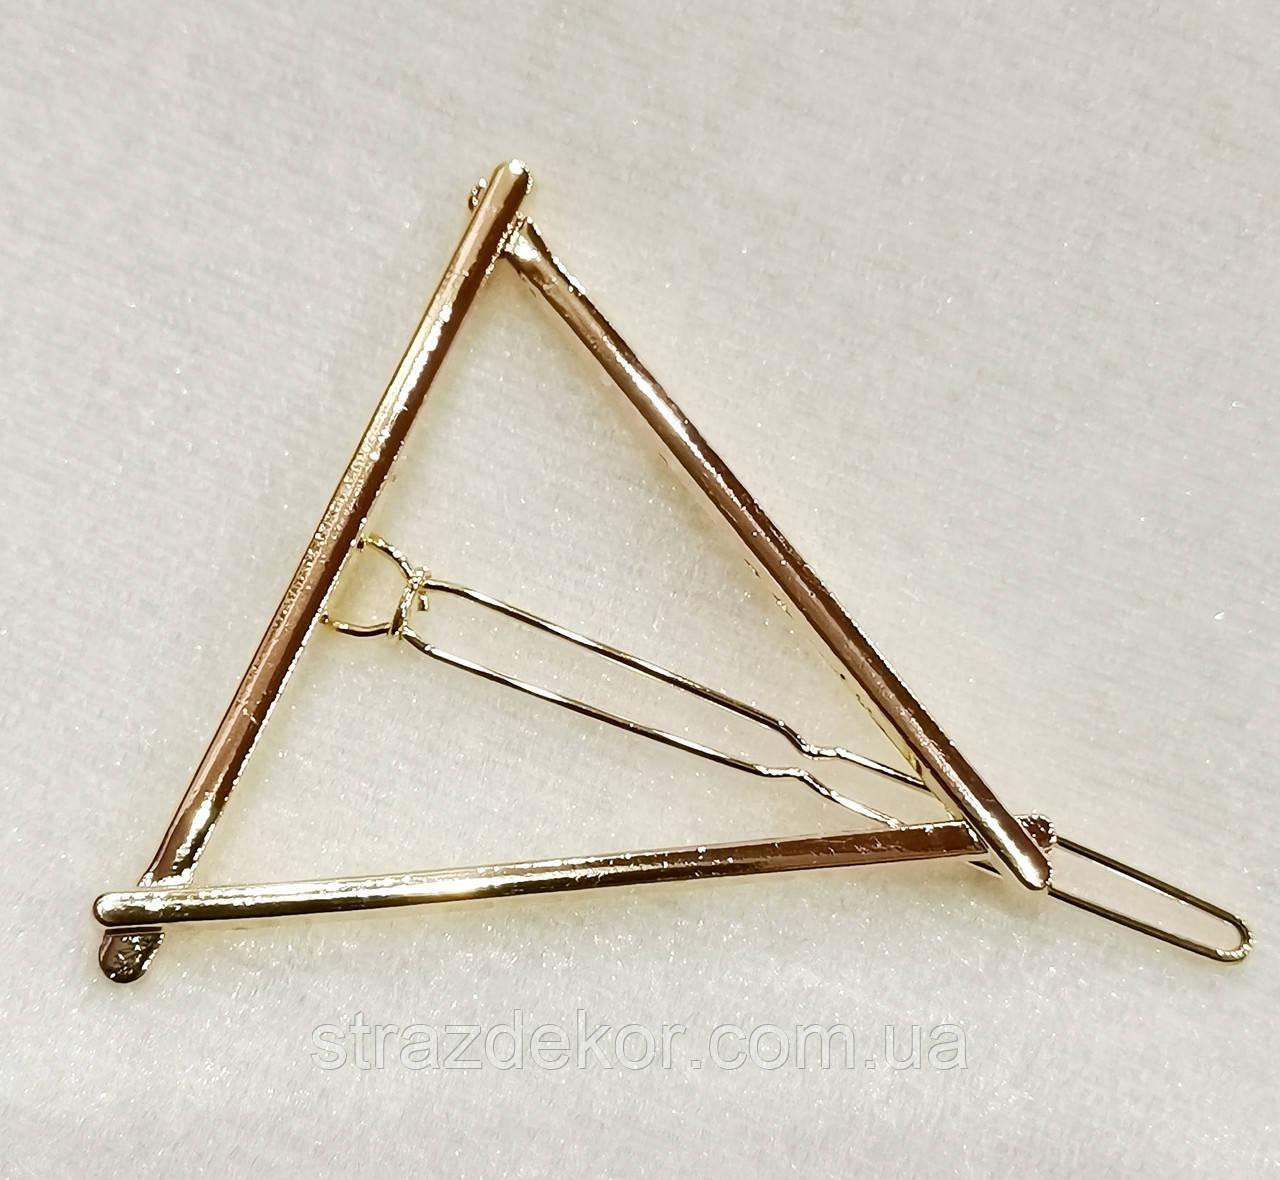 Заколка для волос фигура Треугольник (цвет золото), фото 1